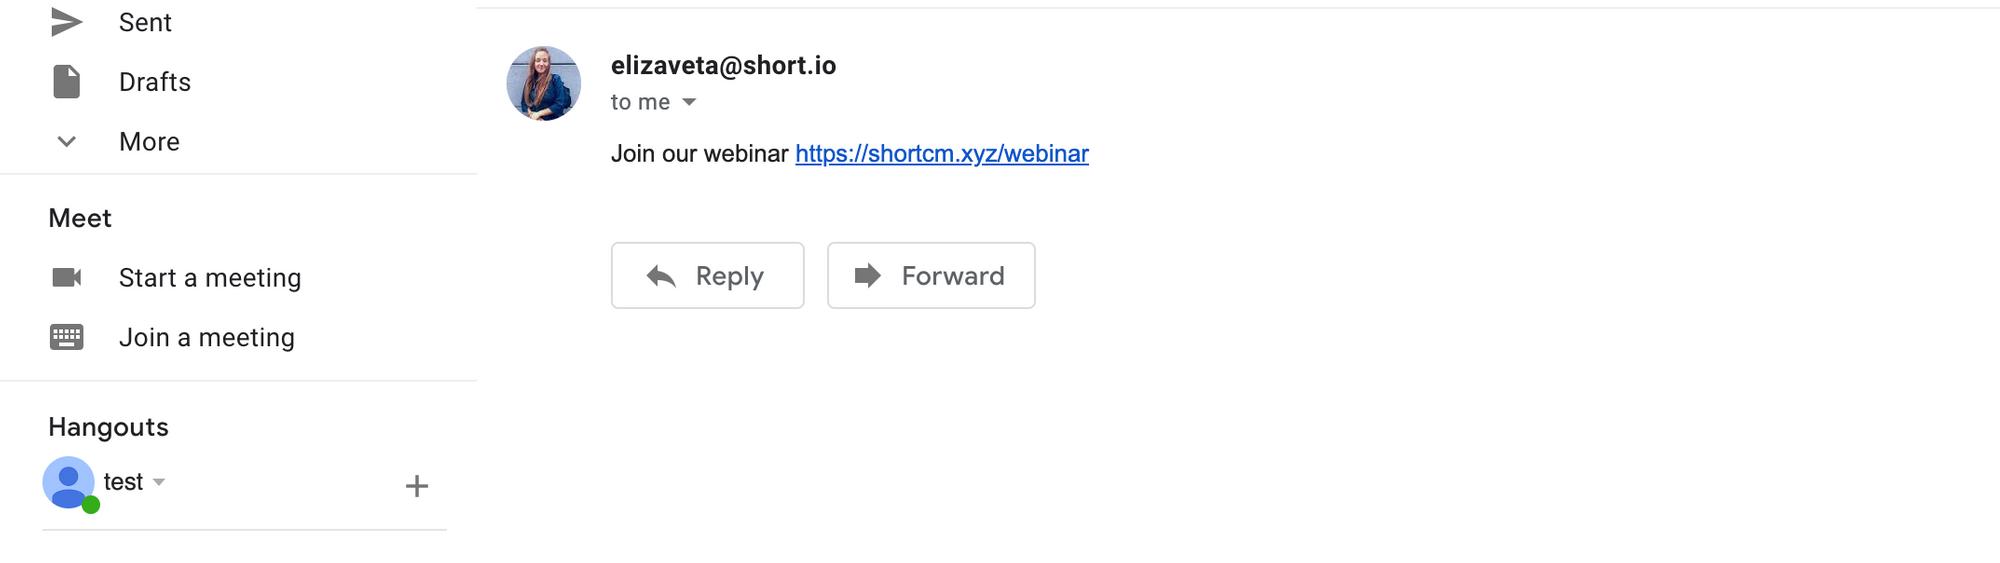 shortio-integromat